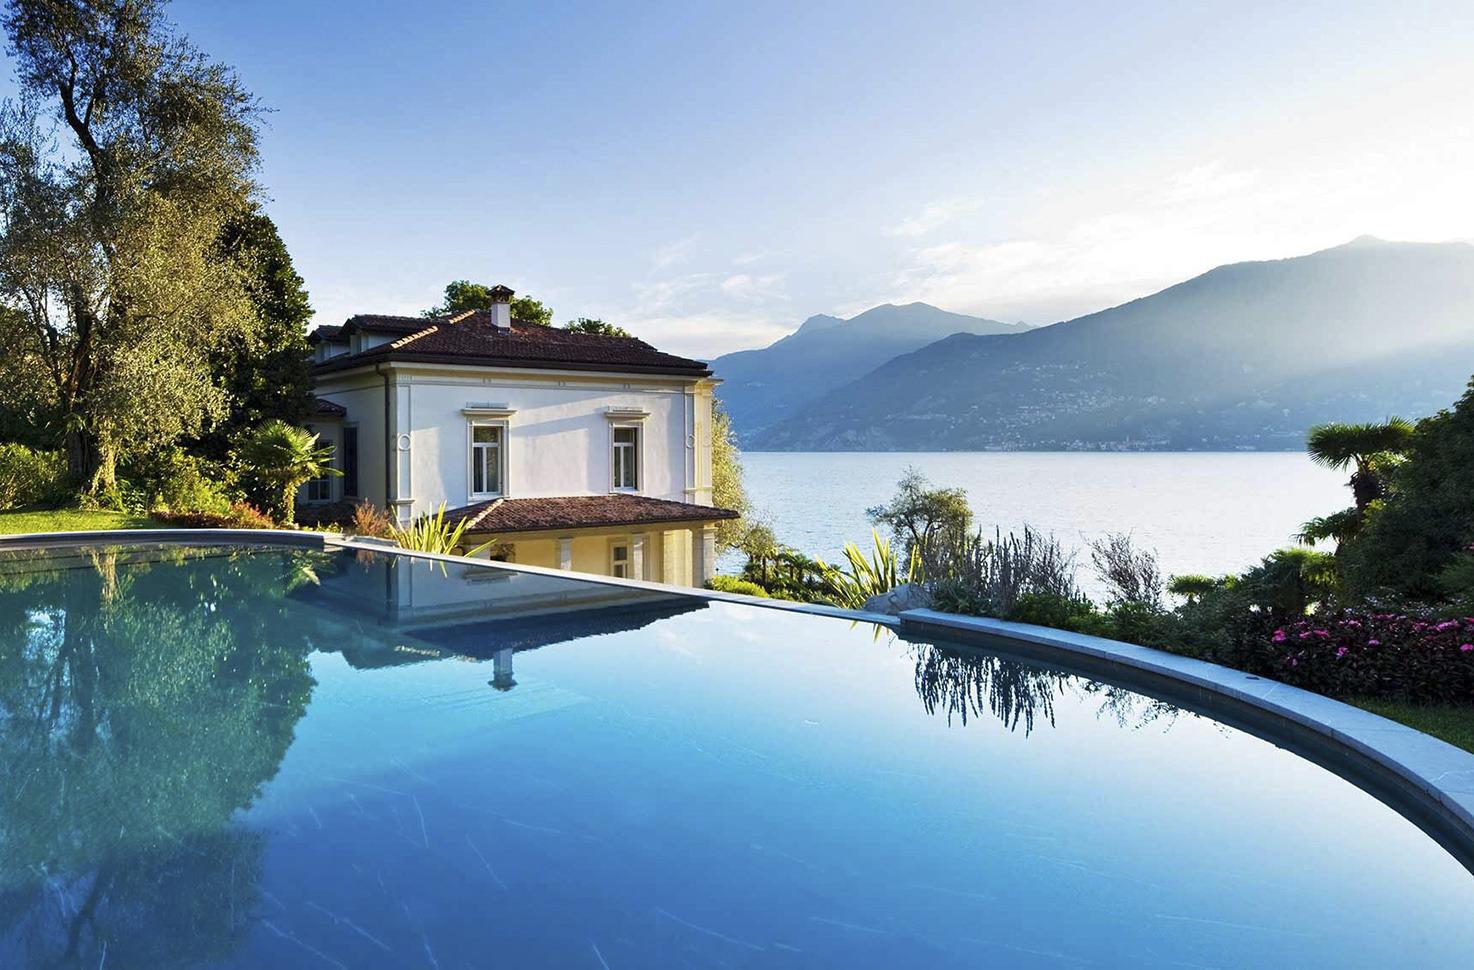 Villa Giuseppina wedding venue on Lake Como